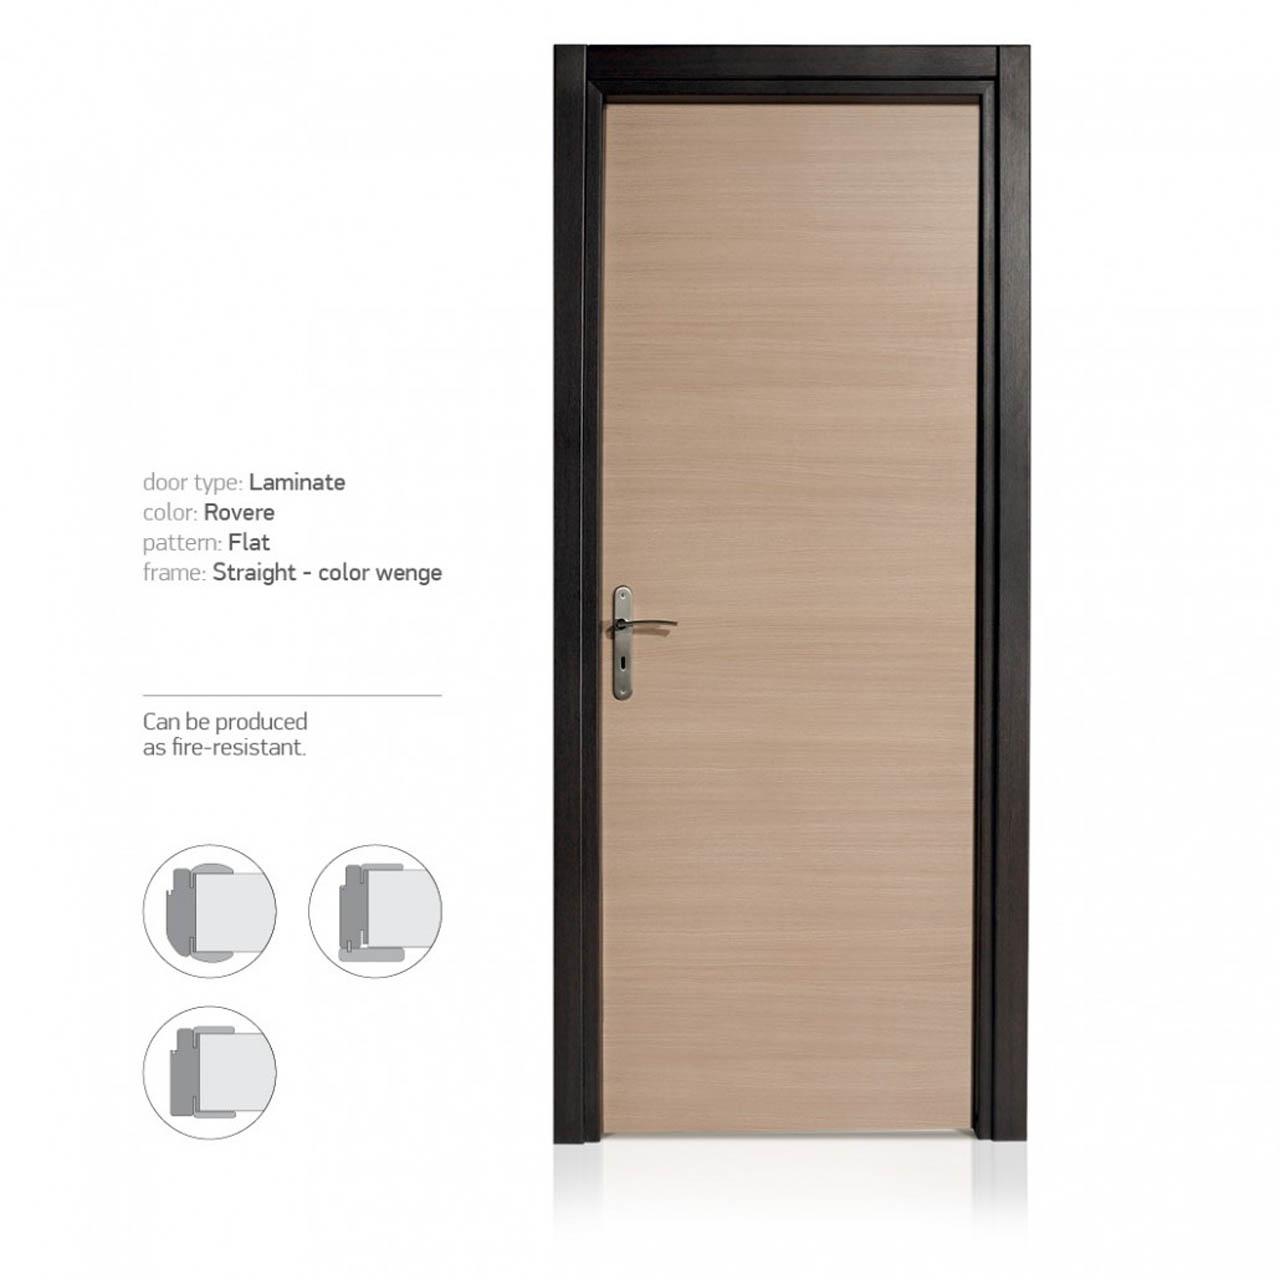 portes-site-laminate-eng12-1030x1030